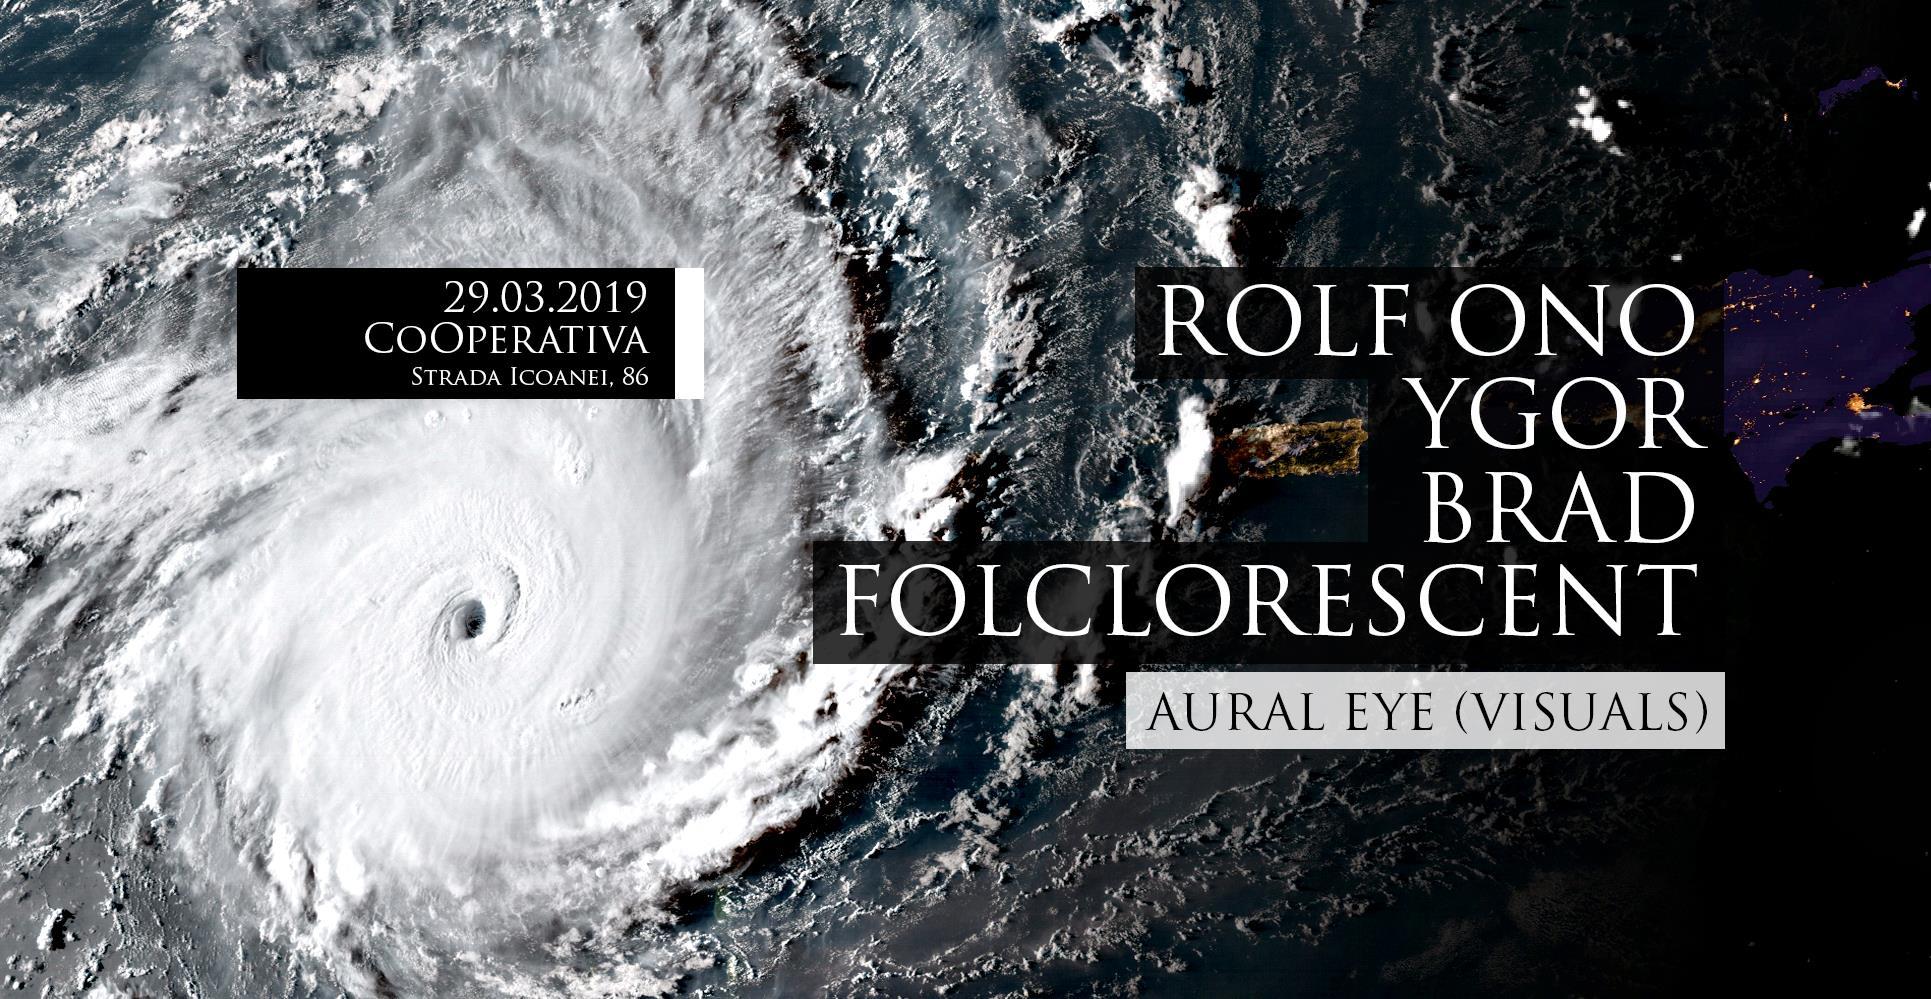 Rolf Ono - Ygor - Brad - Folclorescent - Aural EyeRolf Ono - Ygor - Brad - Folclorescent - Aural Eye